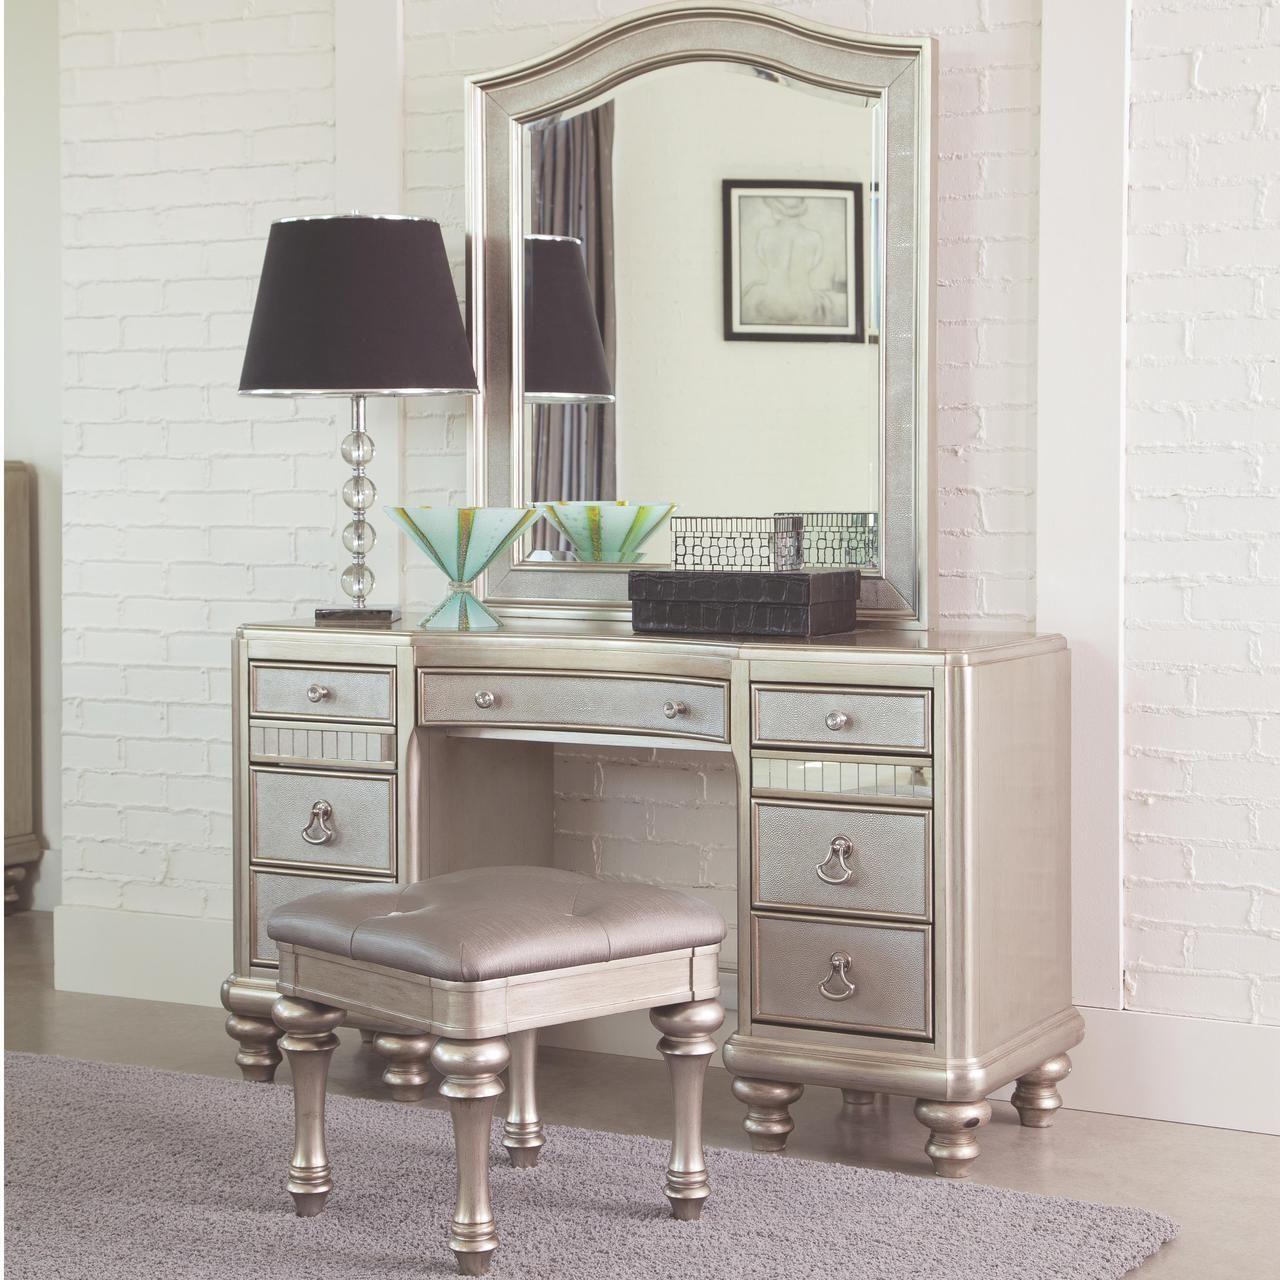 Lex Metallic Platinum Dressing Table Set Bedroom Vanity Set Bedroom Vanity Bedroom Makeup Vanity